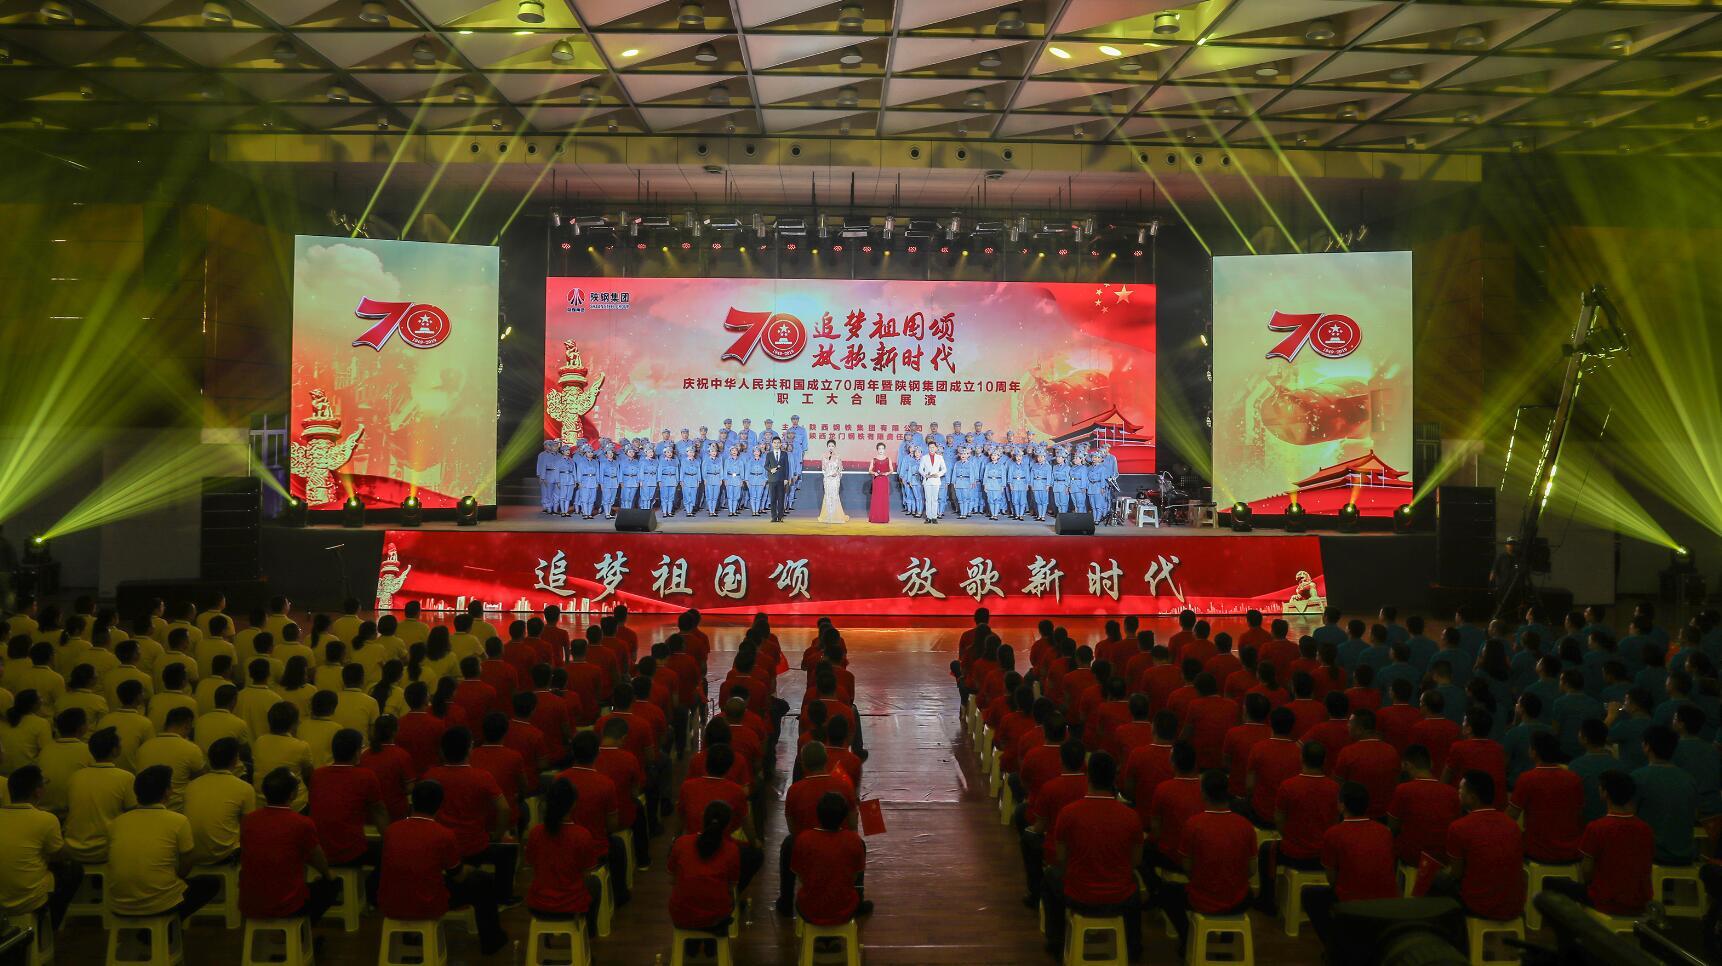 陕钢集团举办庆祝建国70周暨陕钢集团成立10周年大合唱展演活动剪影